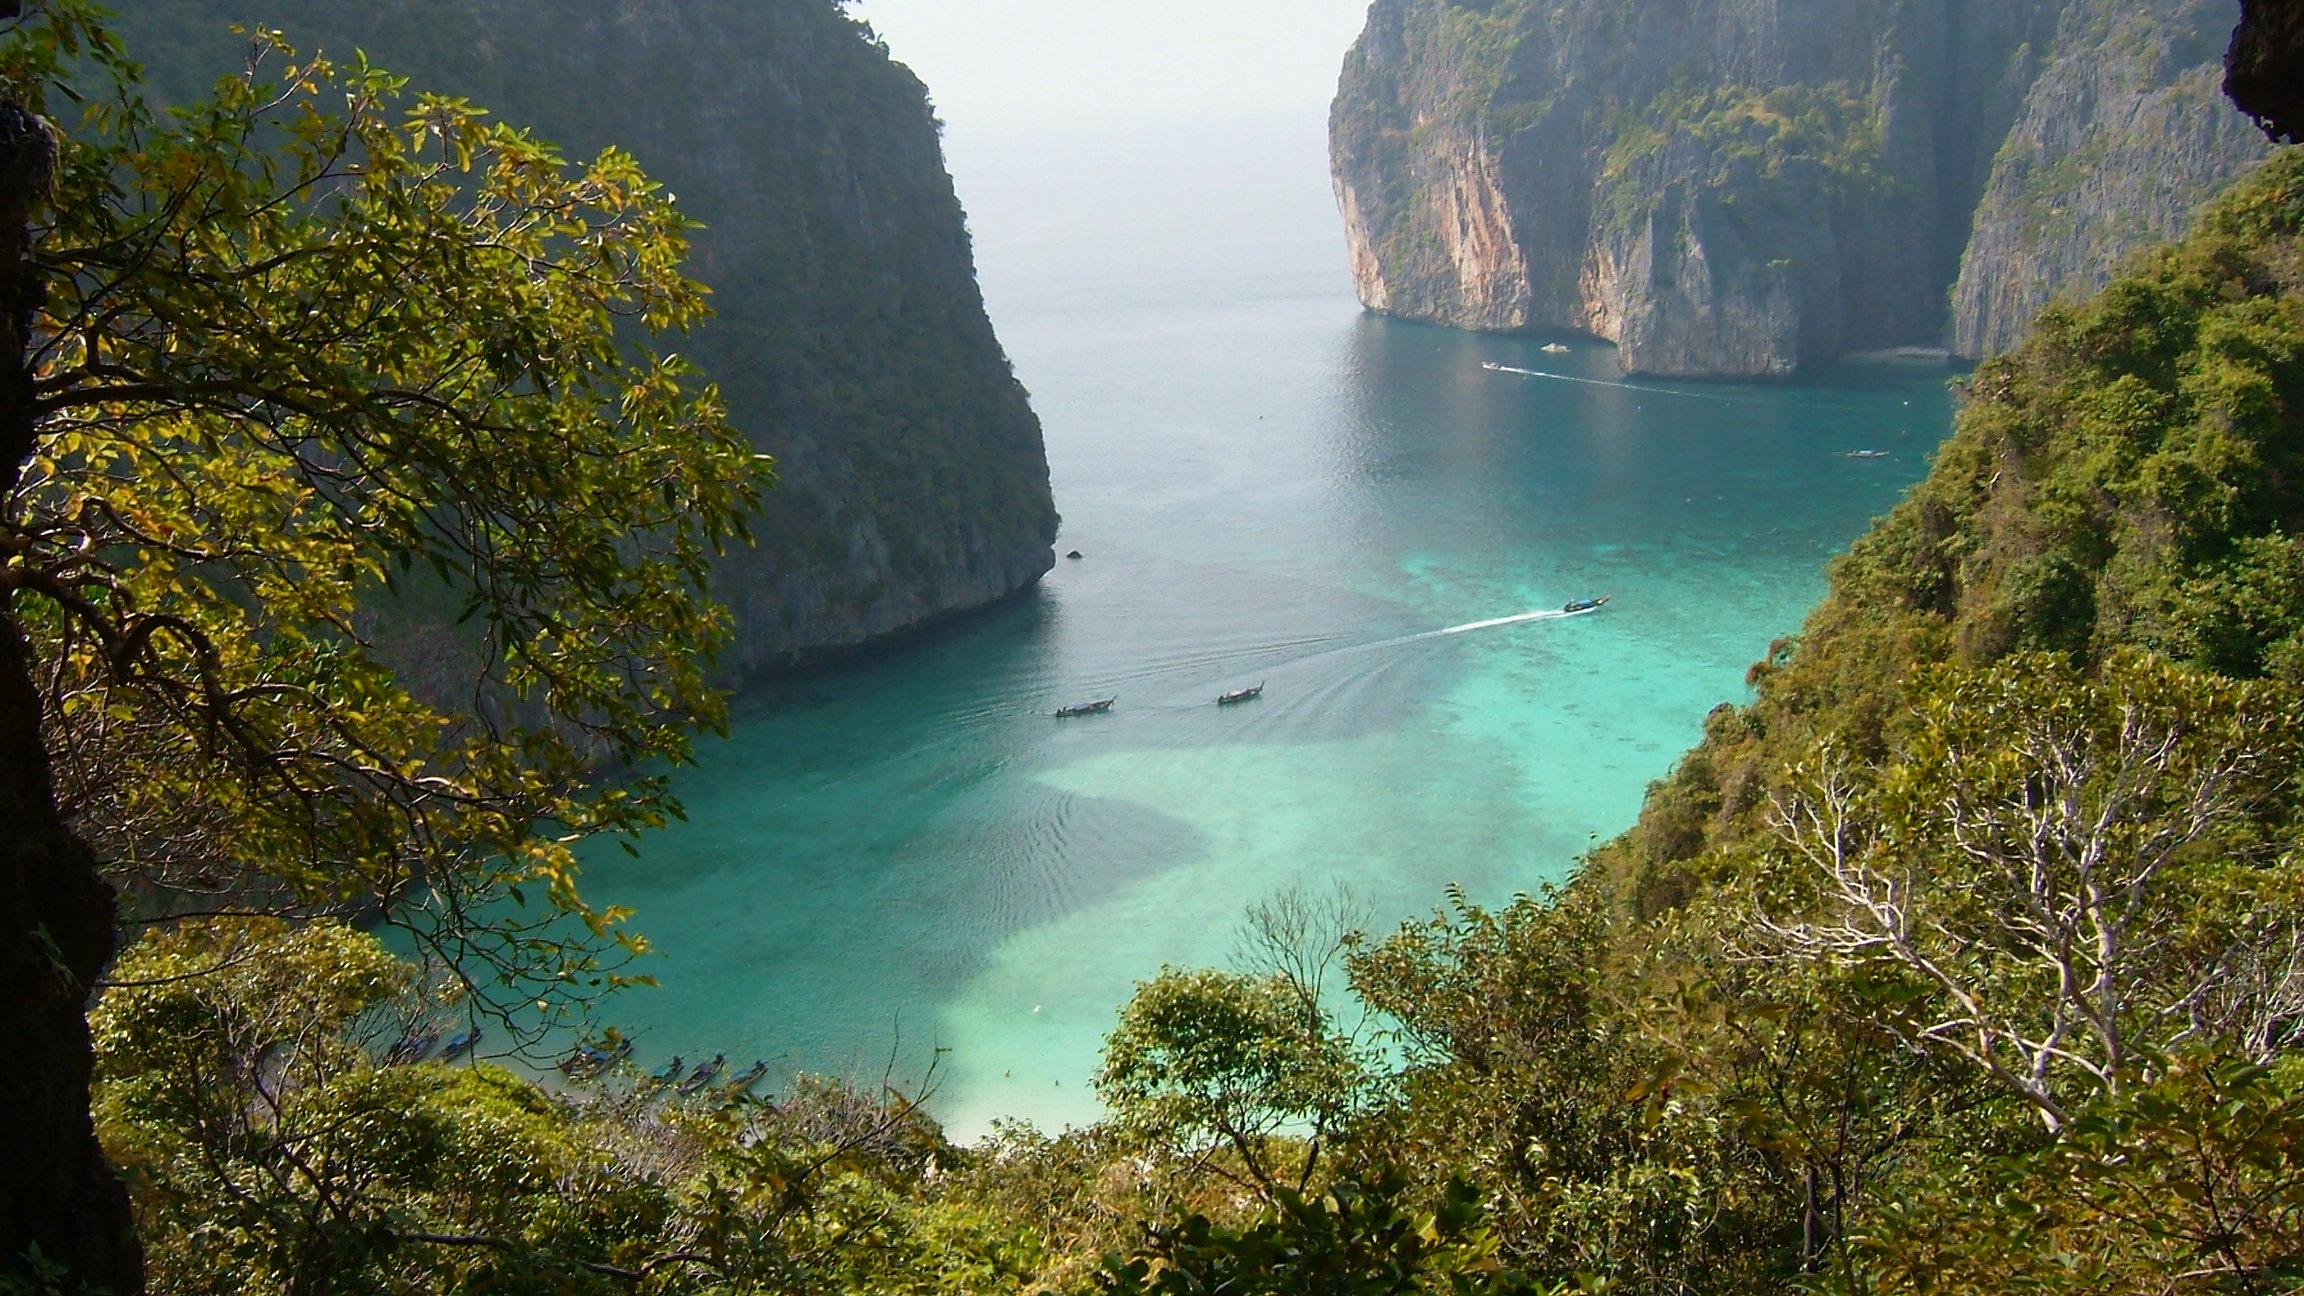 The Beach Leonardo Dicaprio Name Of Island